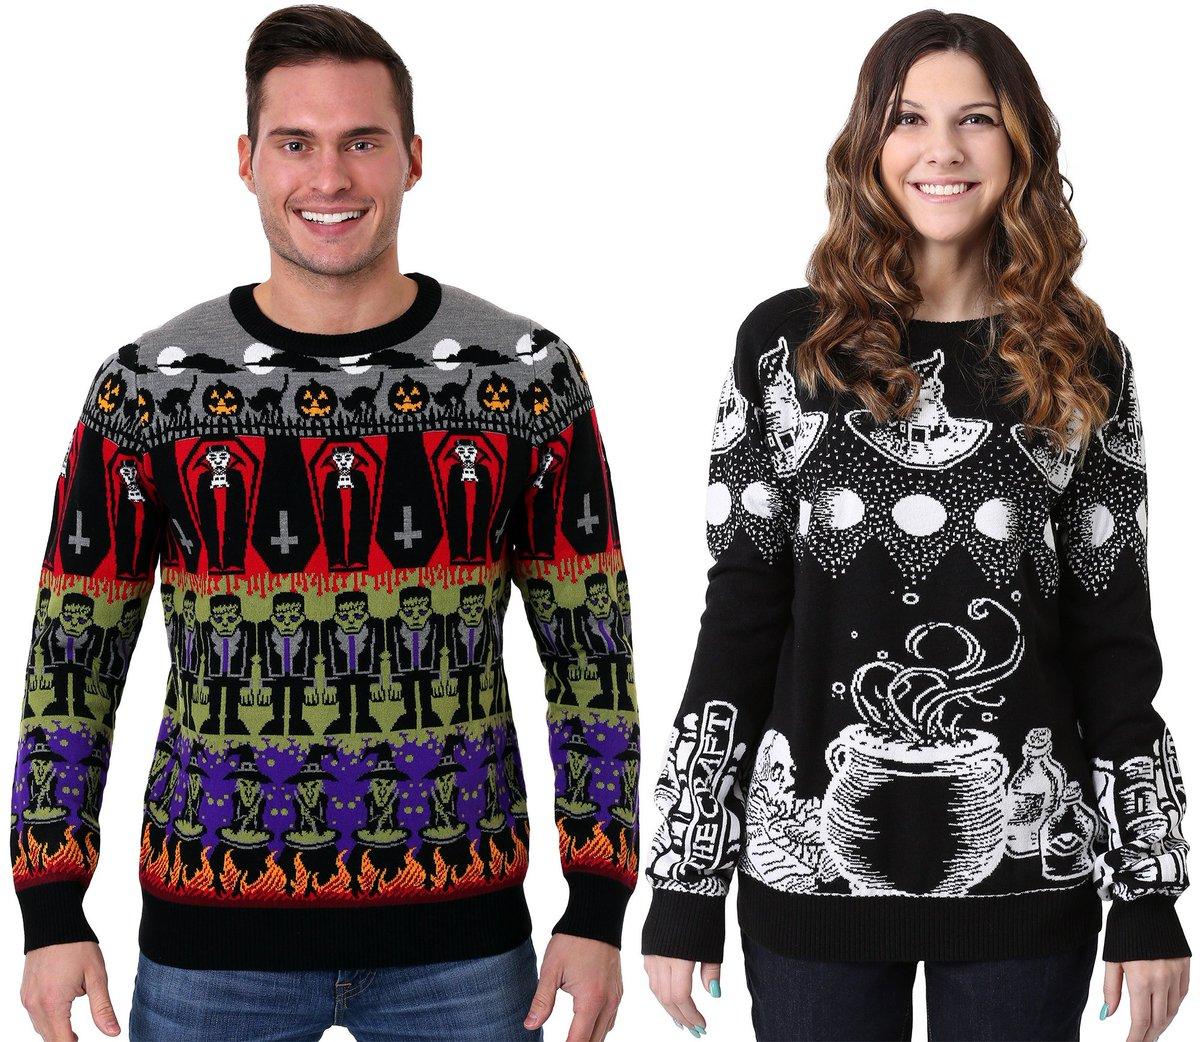 Broke Horror Fan On Twitter Everyone Loves Ugly Christmas Sweaters